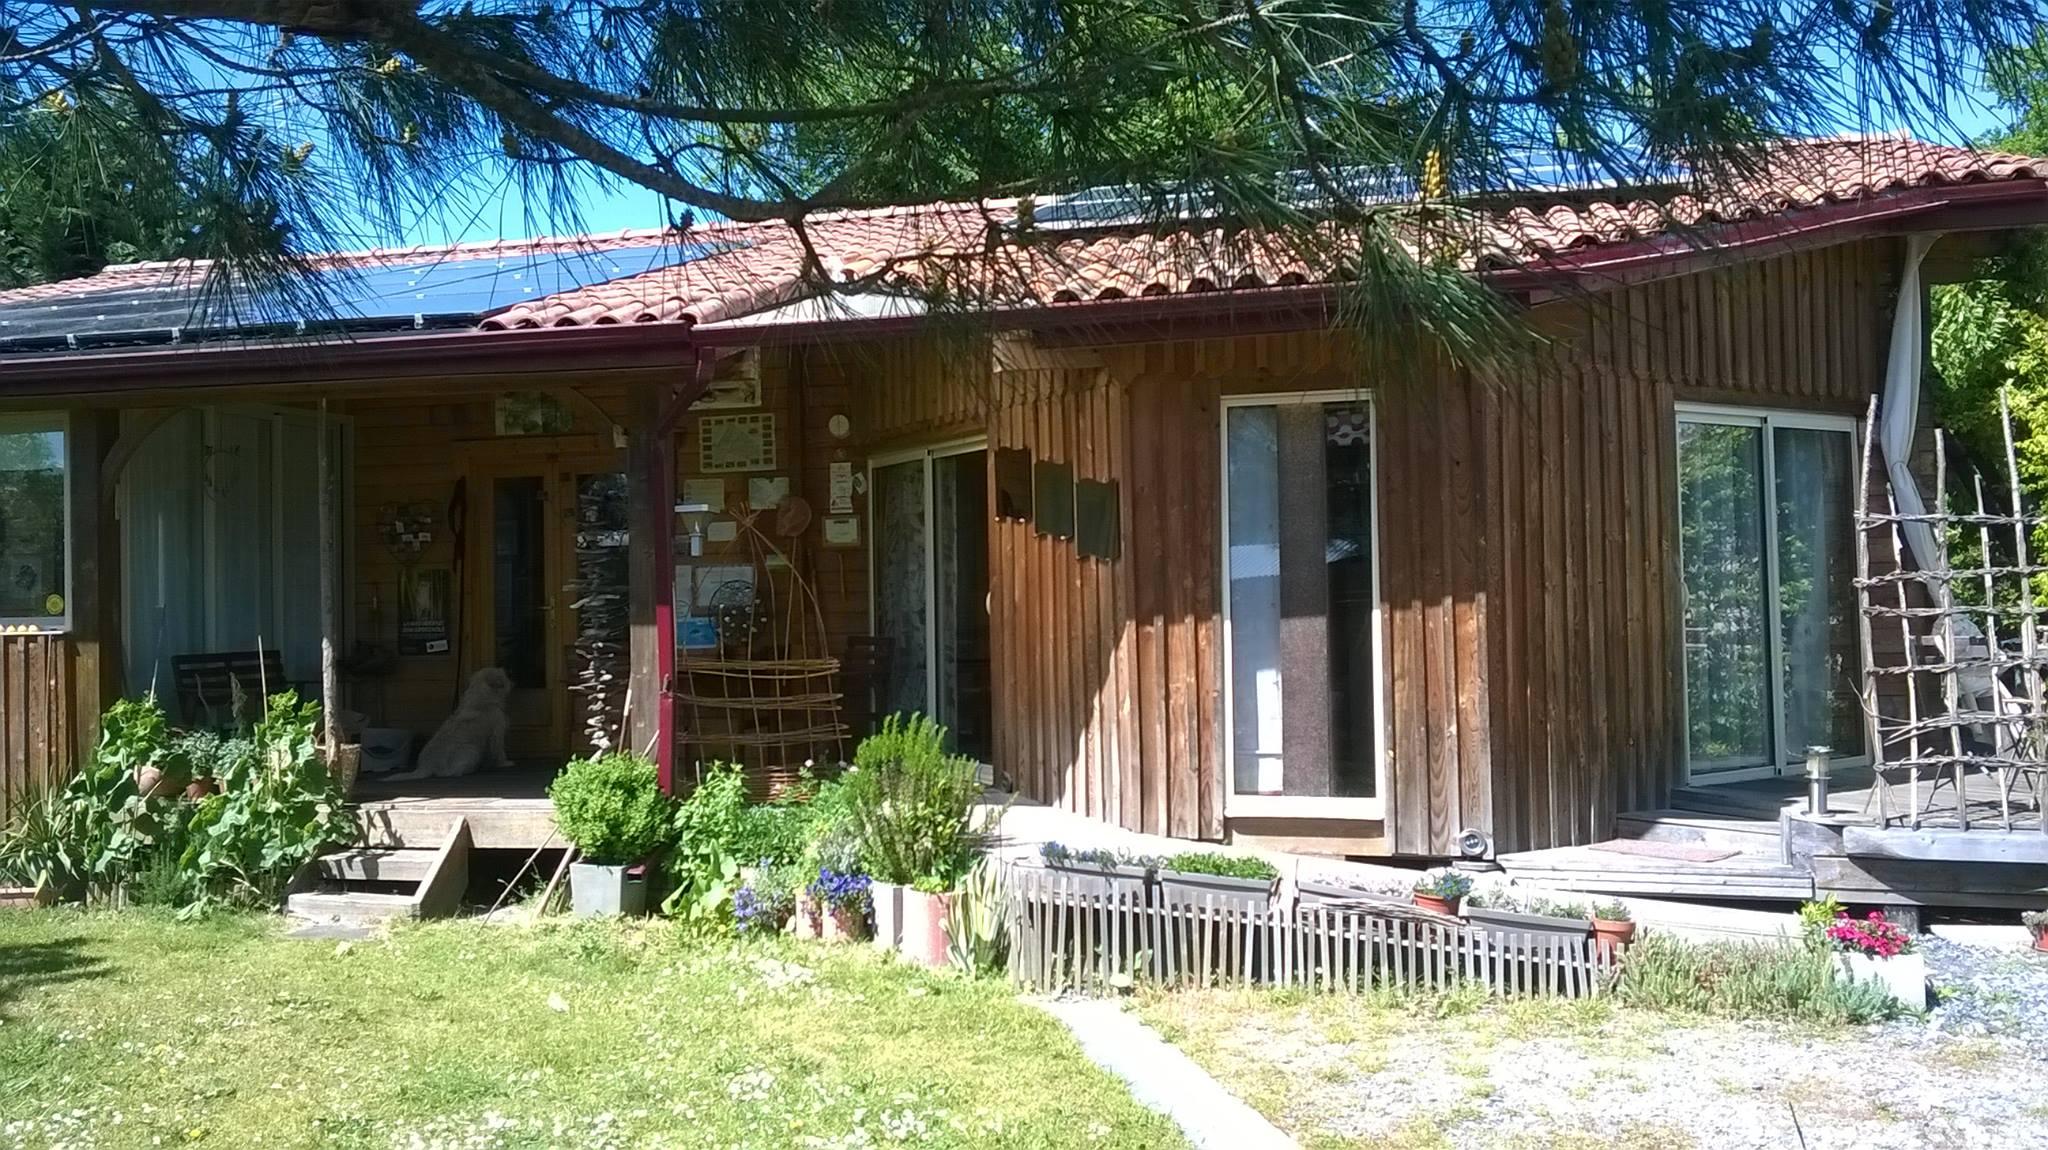 Chambre d'hôte Eco-logis Boïen